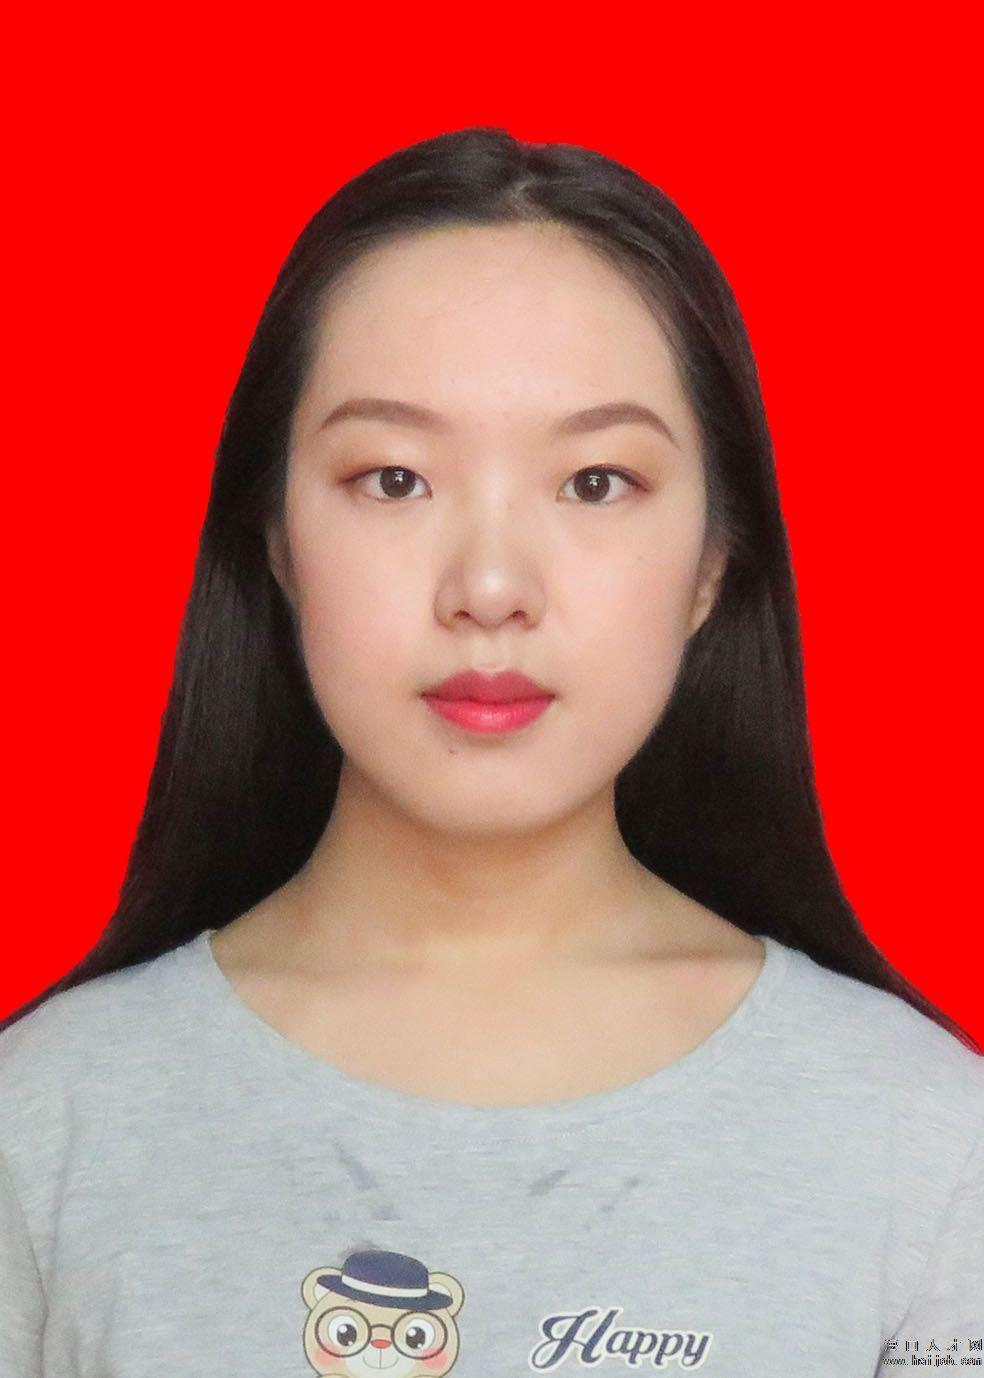 王慧琴简历照片